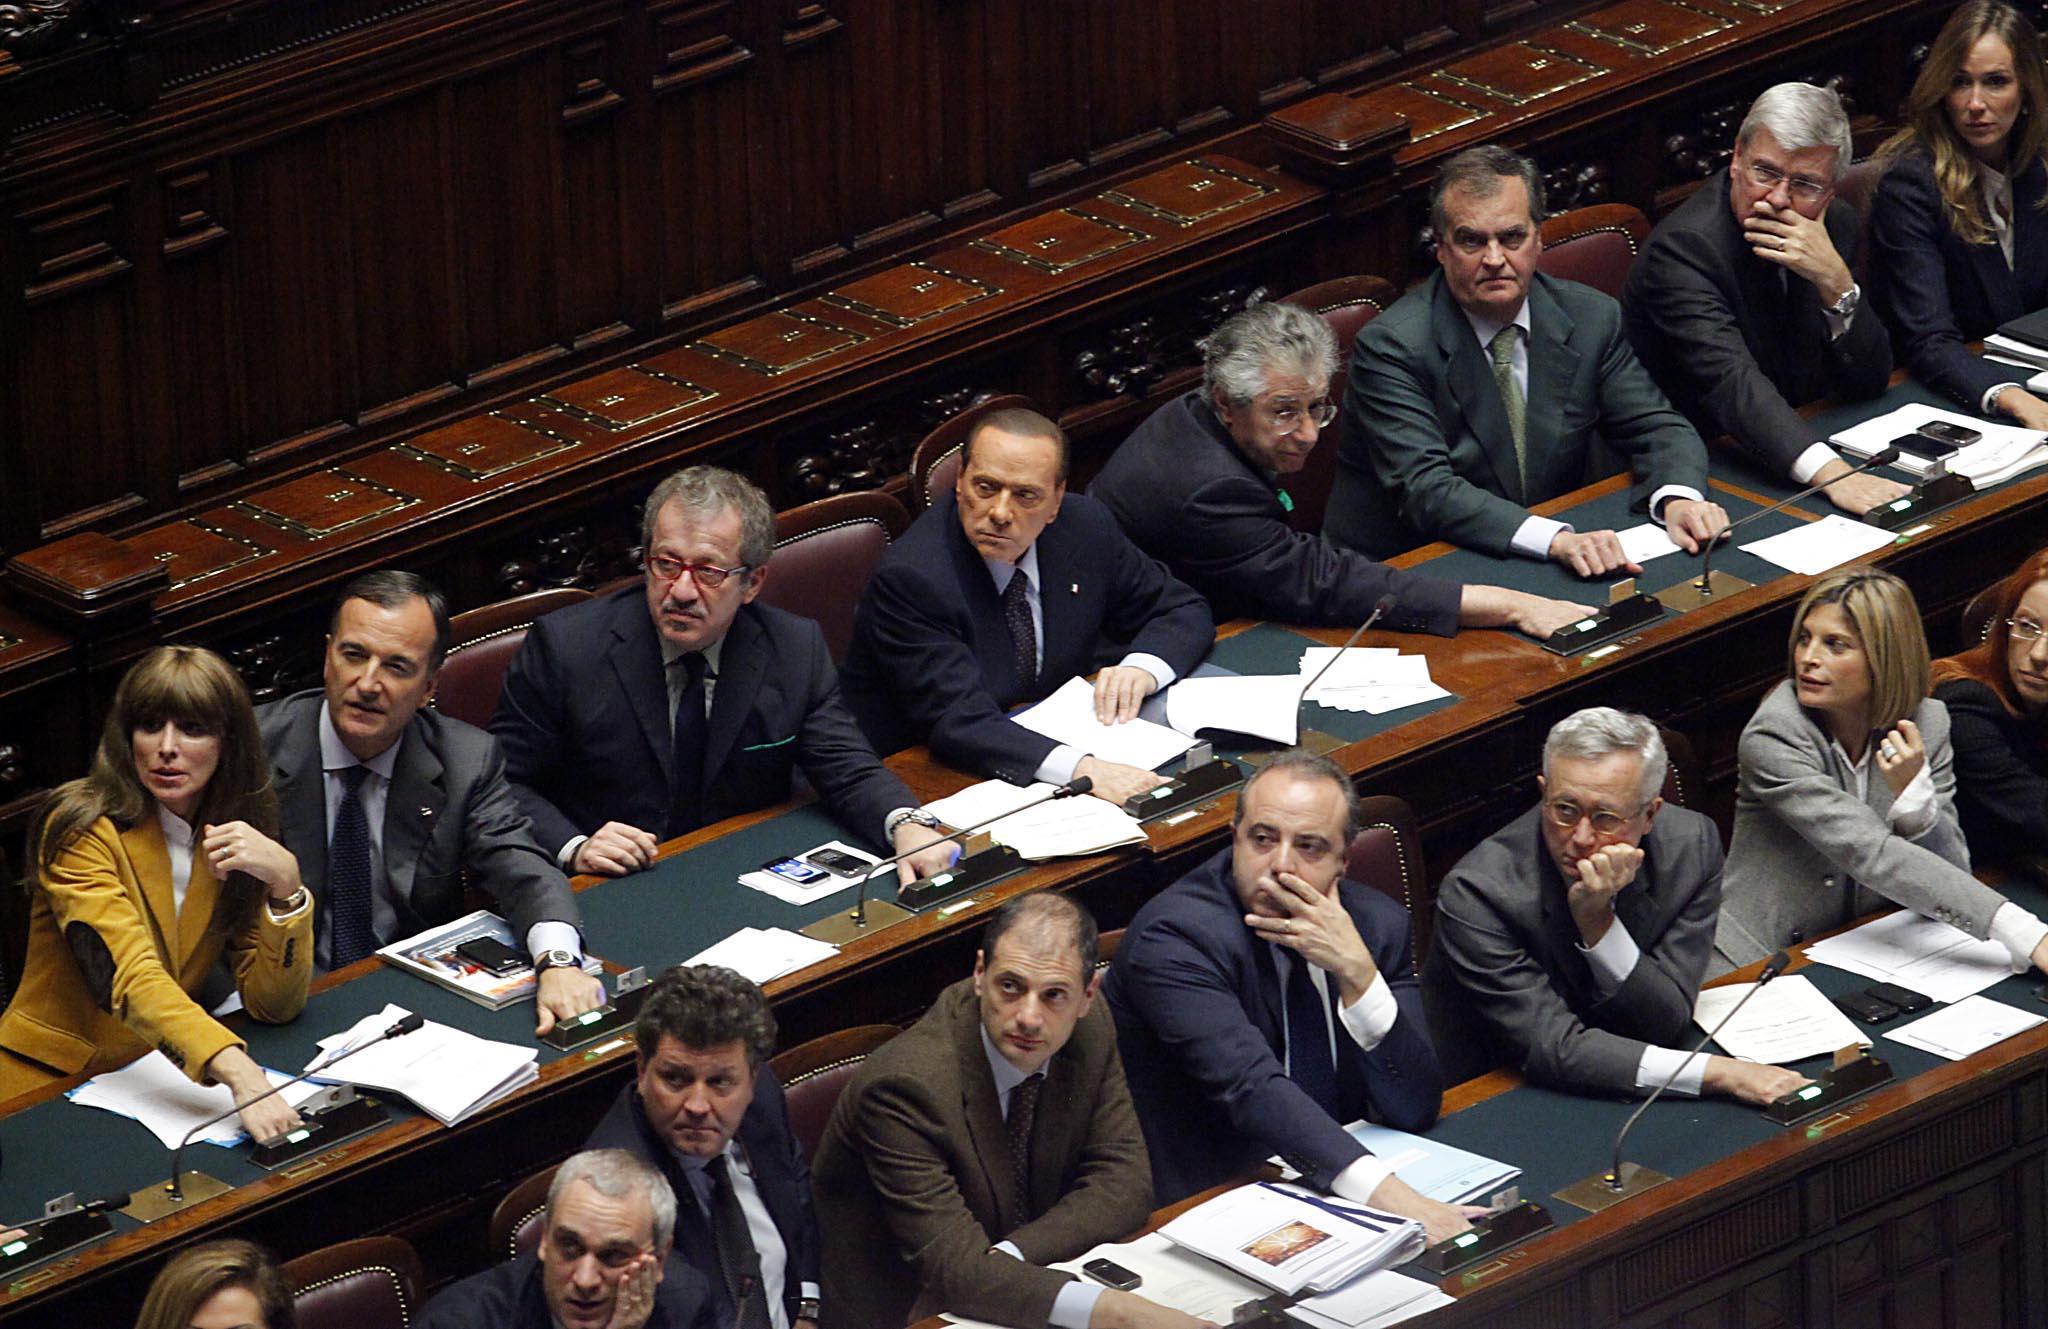 Il ddl stabilit approvato alla camera berlusconi si for Diretta parlamento oggi